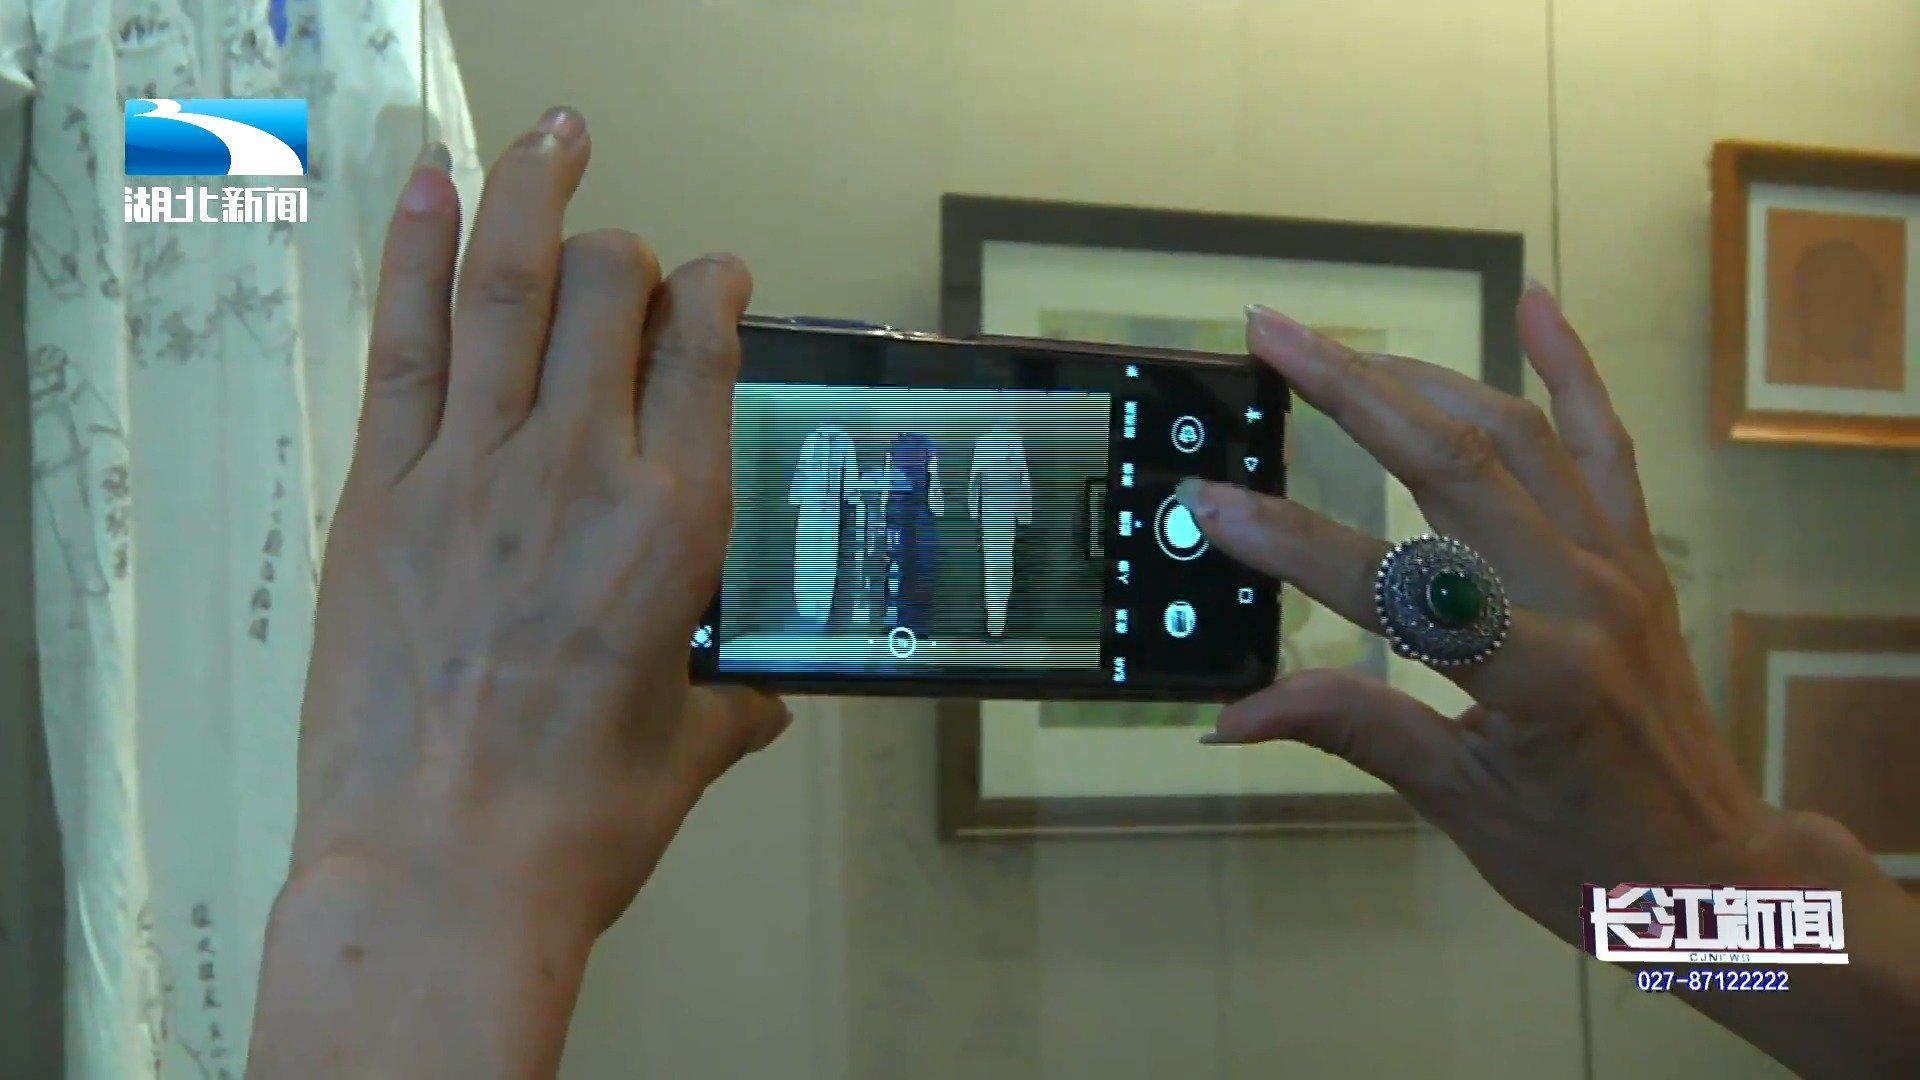 以艺传情,武汉革命博物馆举办抗疫艺术作品展